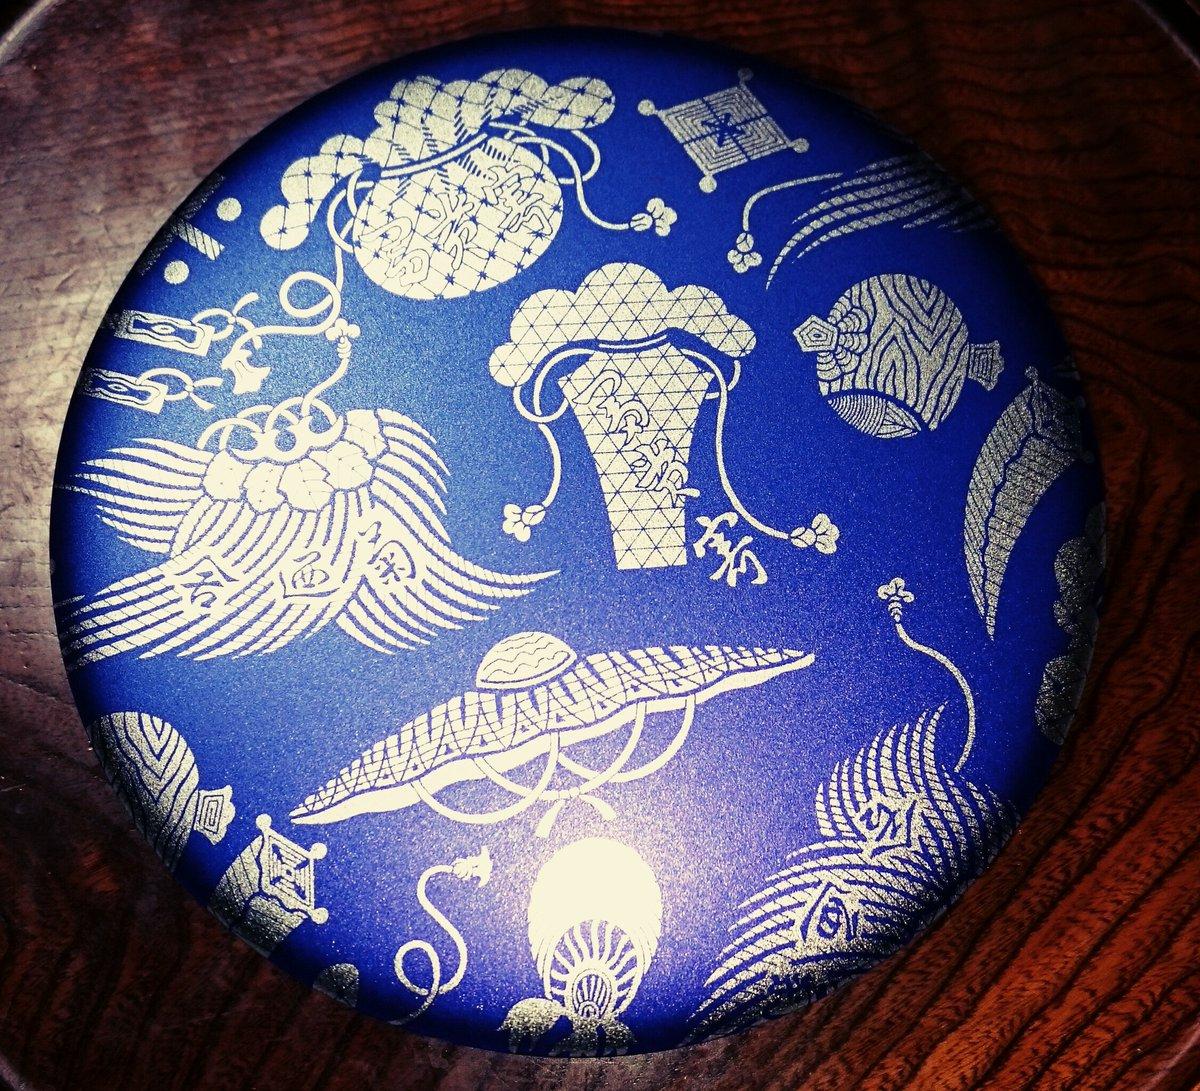 test ツイッターメディア - 真夜中の #冨貴寄  #銀座菊廼舎(@ginza_kikunoya)の登録商標 冨貴寄 青丸缶。 濃いブルーの缶を開けると… 缶にぎっしり! 冨貴寄の中では一番地味な缶ですが、だからこそとても素朴な味わいの和風のクッキーがたくさん食べれます。 個人的にはプレーンと梅のクッキーが好きΨ( ̄∇ ̄)Ψ https://t.co/9JSfM2OW3y